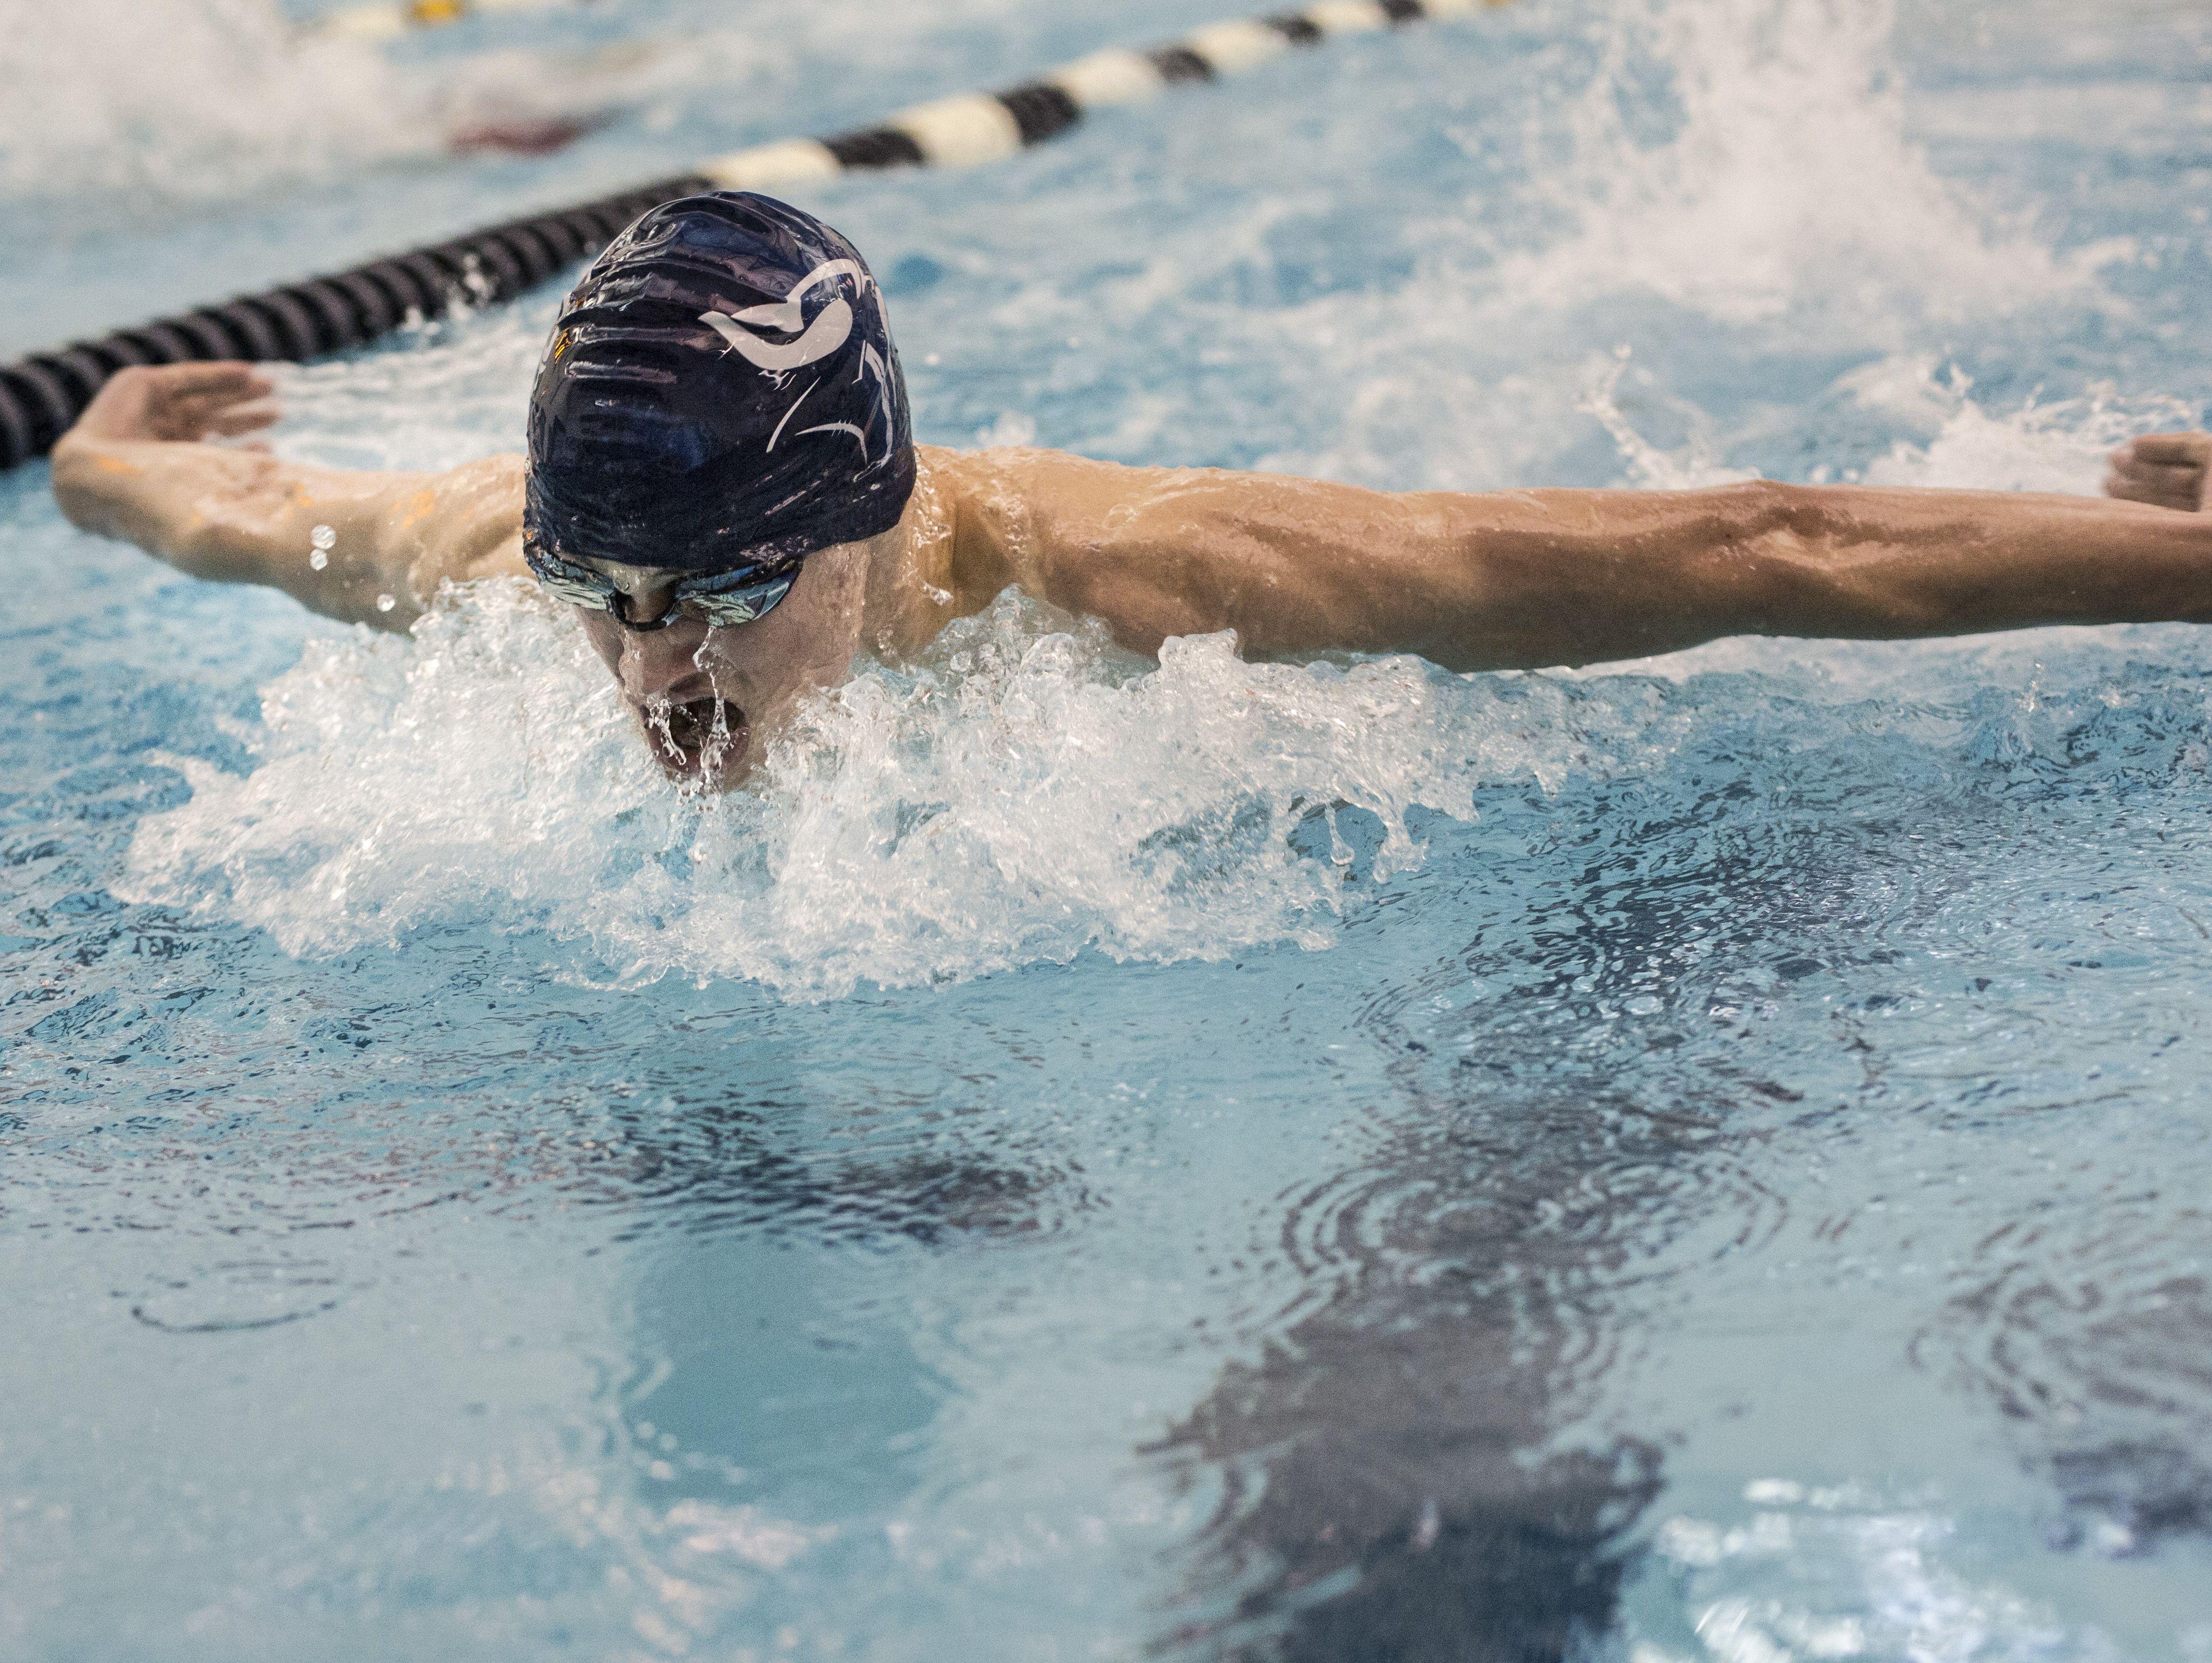 Marysville's Derek Wilson competes in the 200 yard IM during a swim meet Tuesday, Feb. 9, 2016 at Marysville High School.